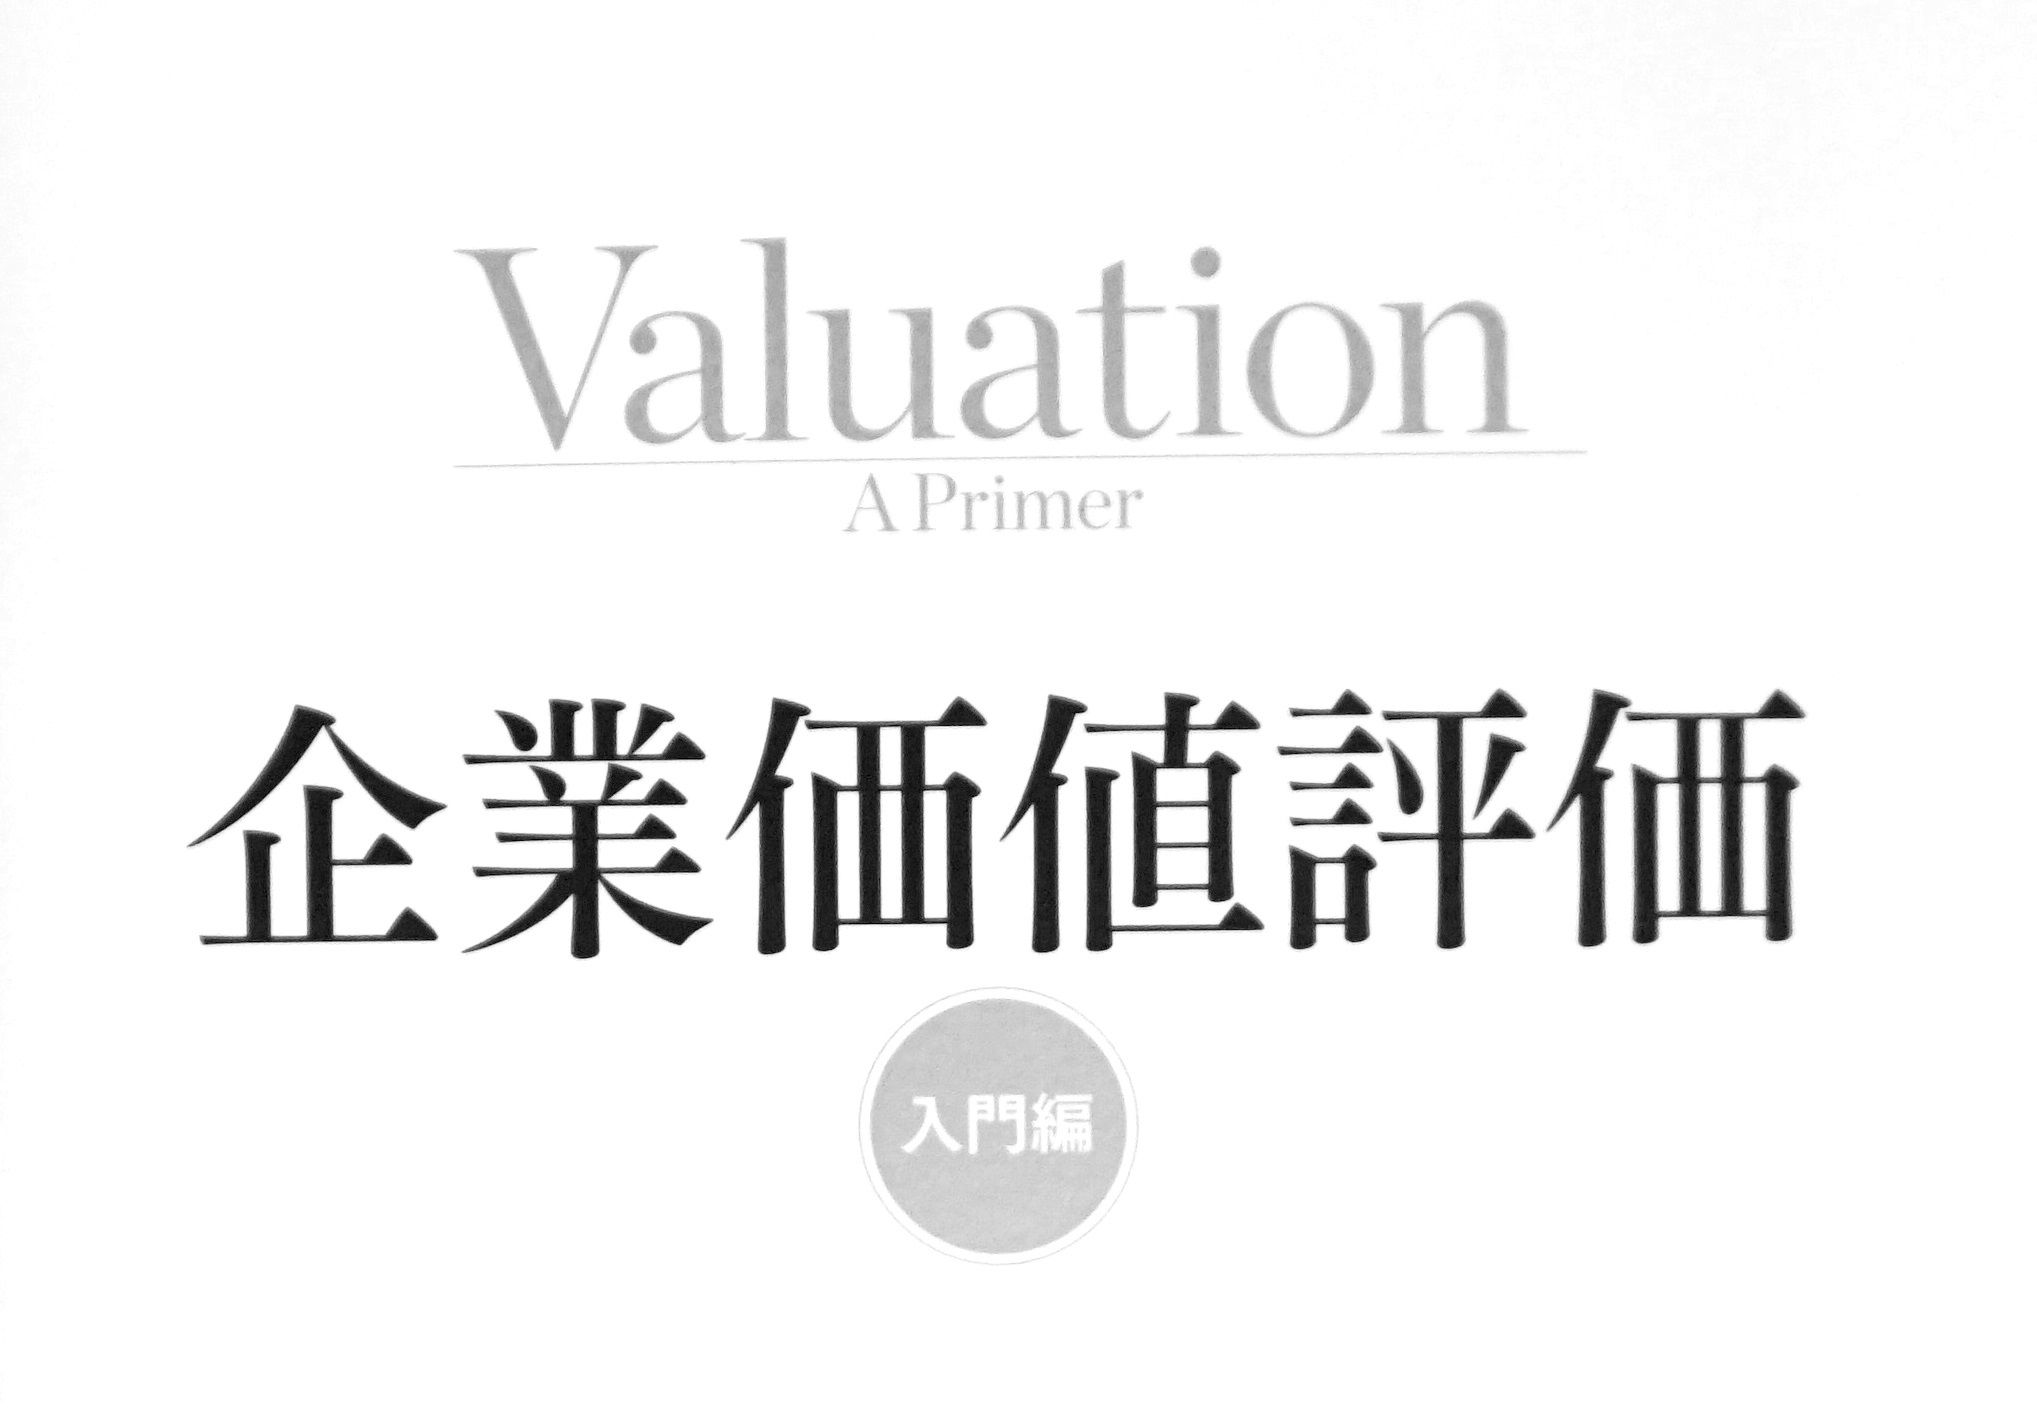 【企業価値評価】入門編 早稲田大学鈴木一功教授が発刊